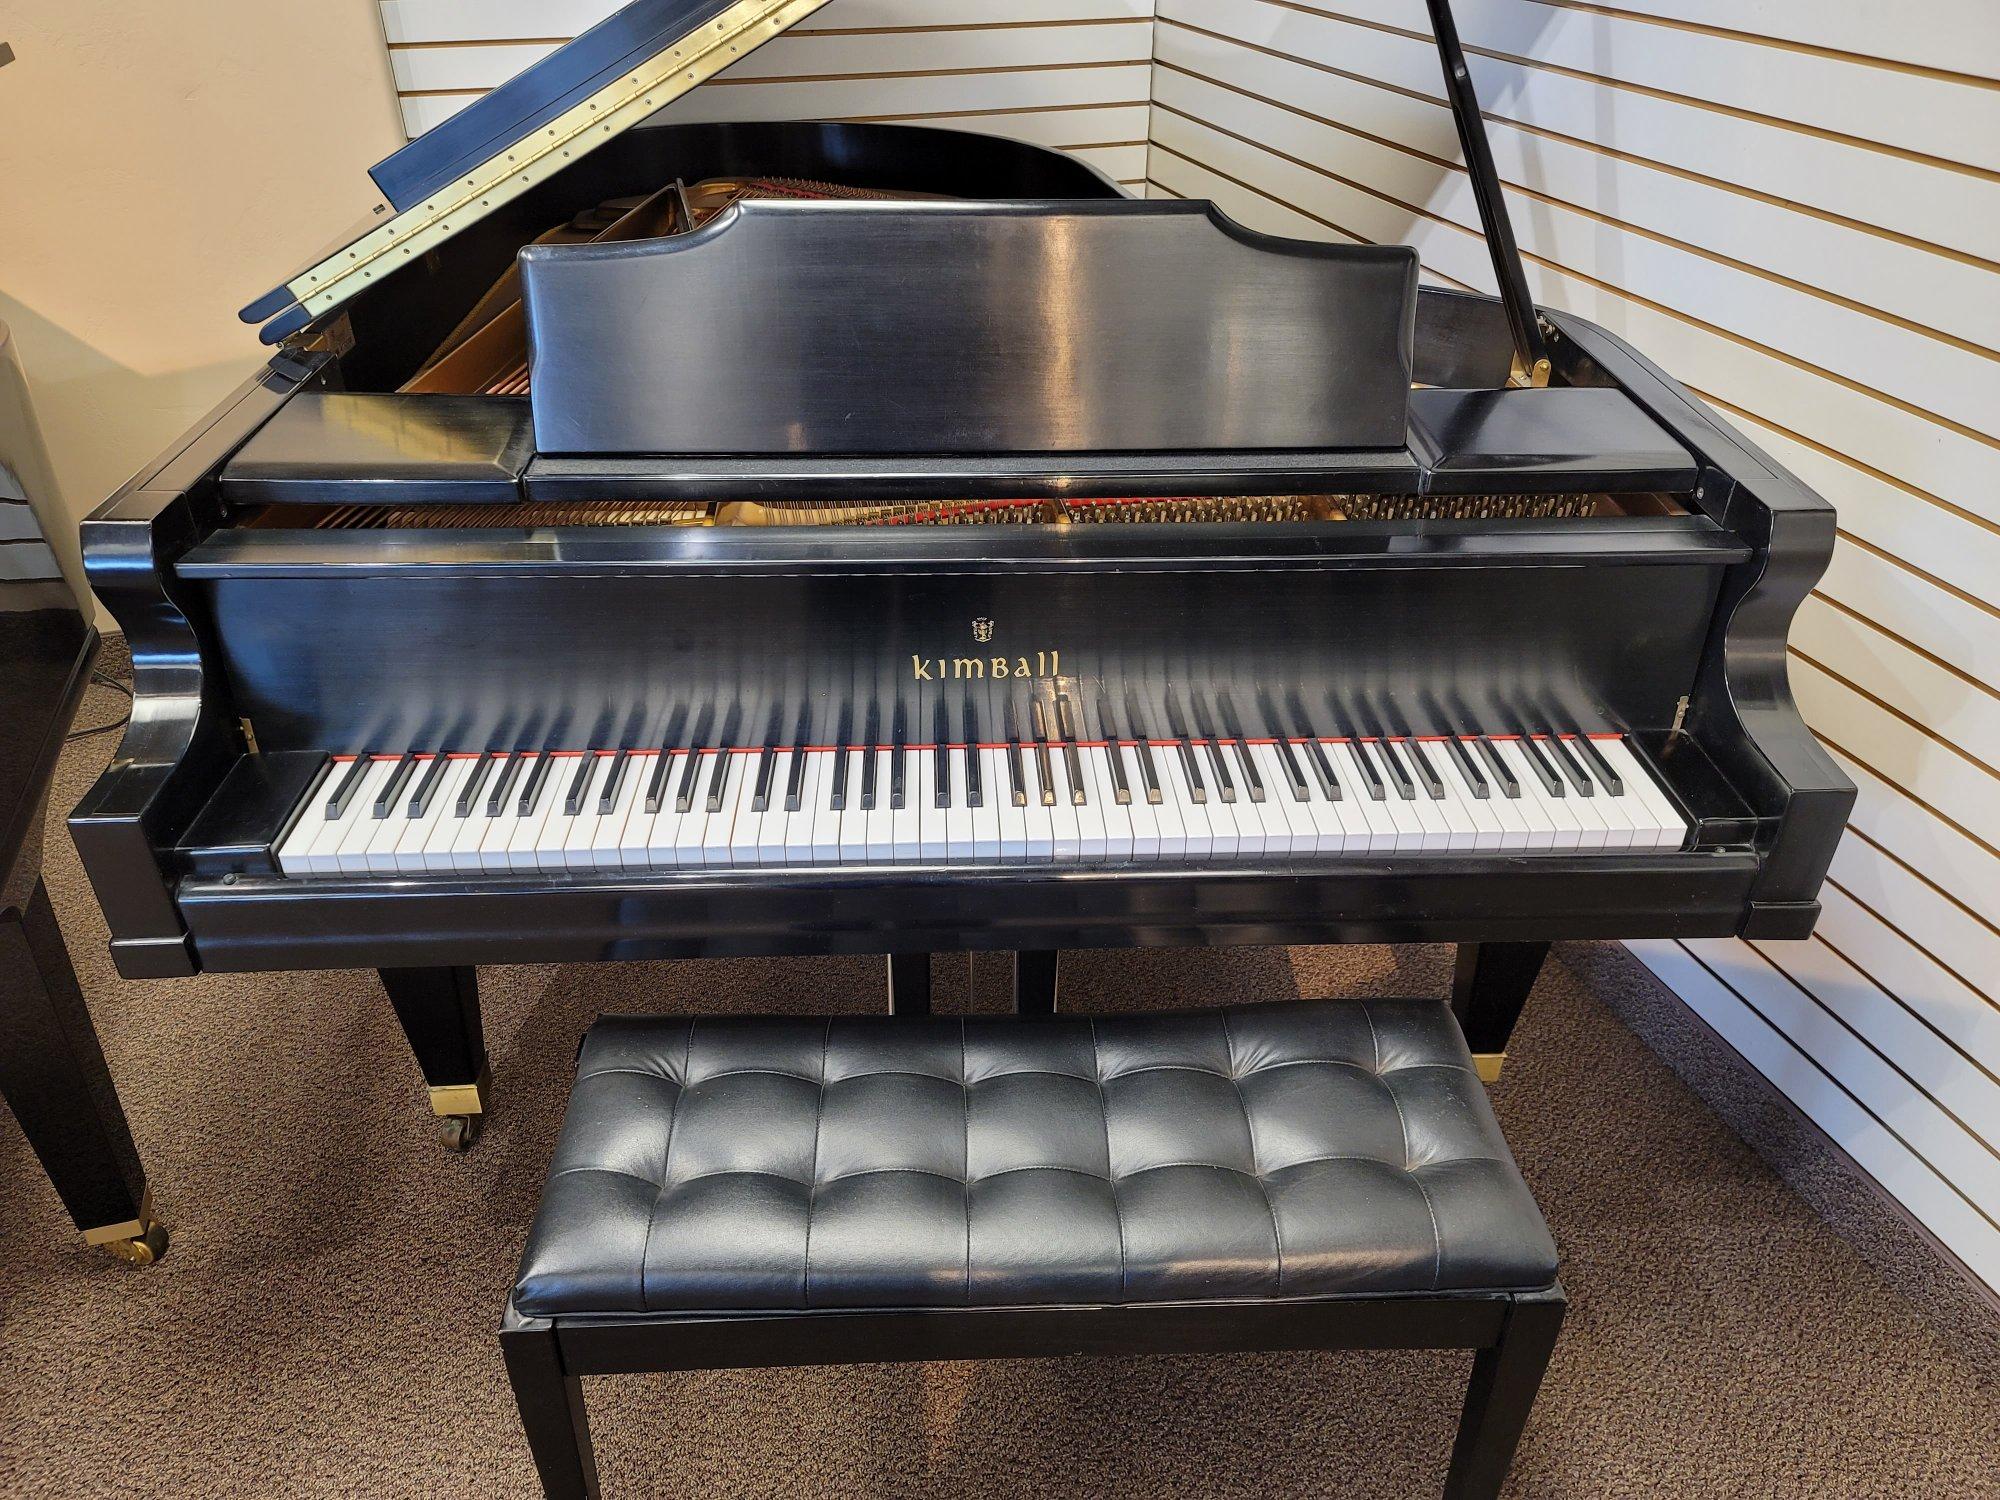 Kimball Grand Piano 6'7  Model 6710 in Satin Ebony